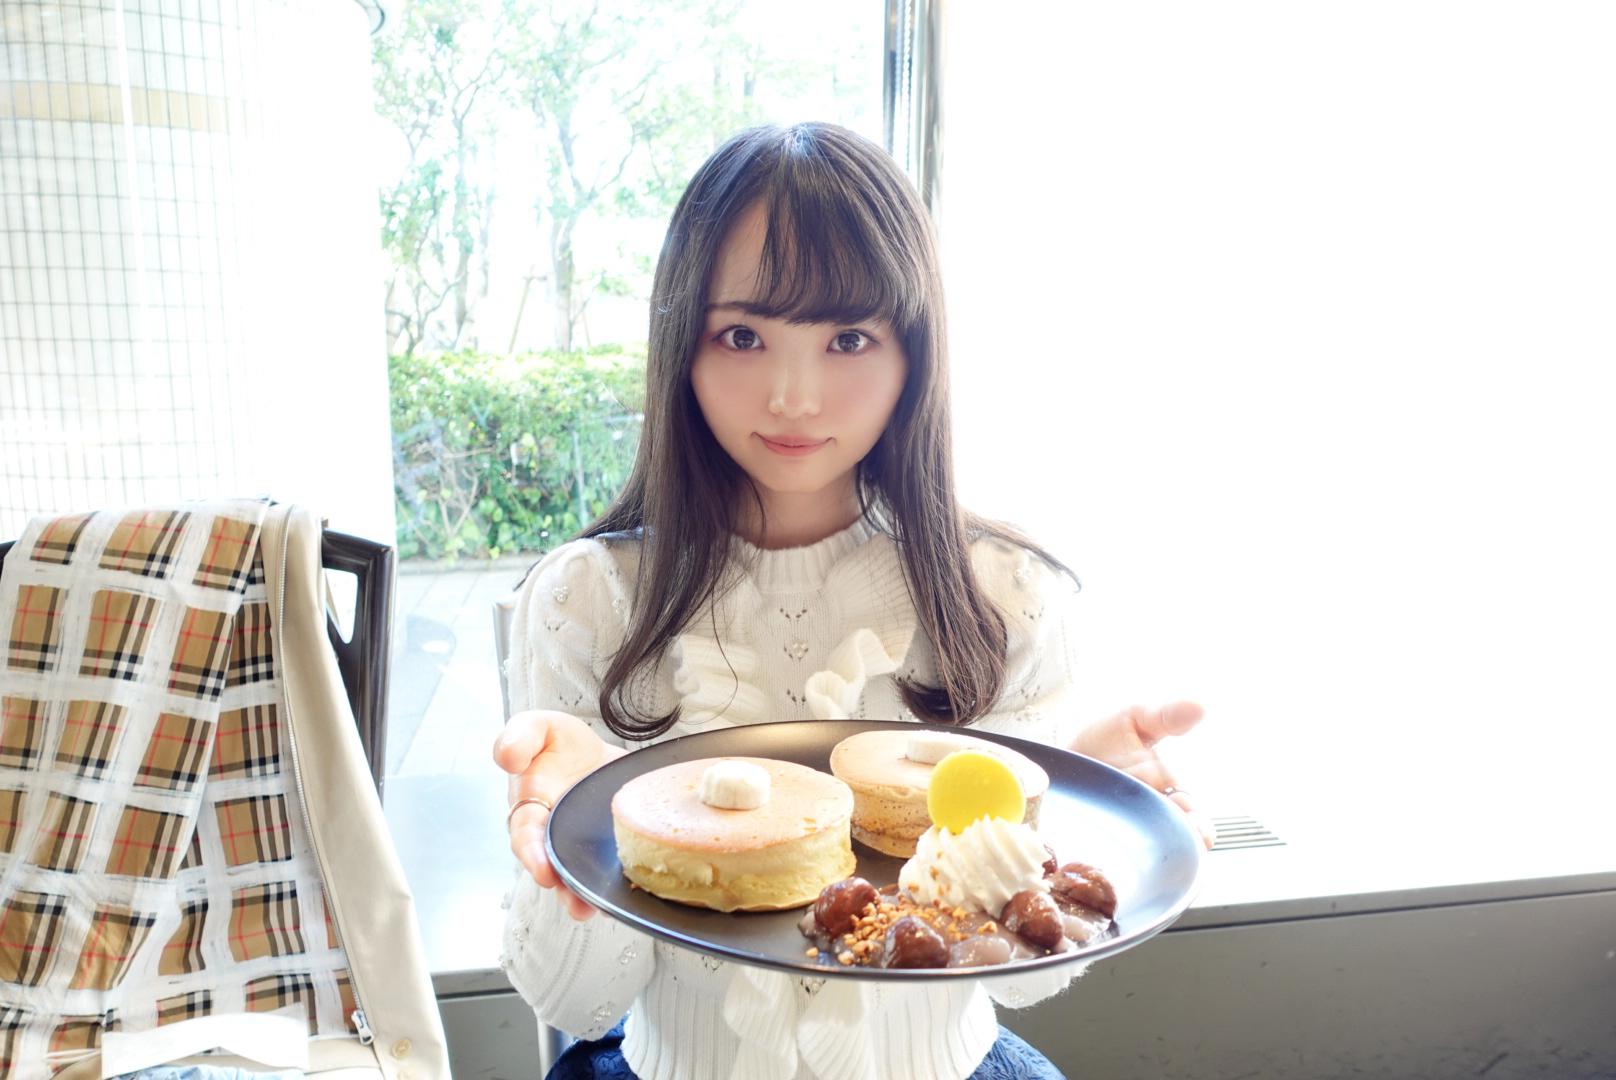 10周年を迎えた!菅総理も大好き!?な「ホテルニューオータニ」の「SATSUKI」の特製パンケーキ!マロンパンケーキ2020はカスカラパウダー入り!?_3